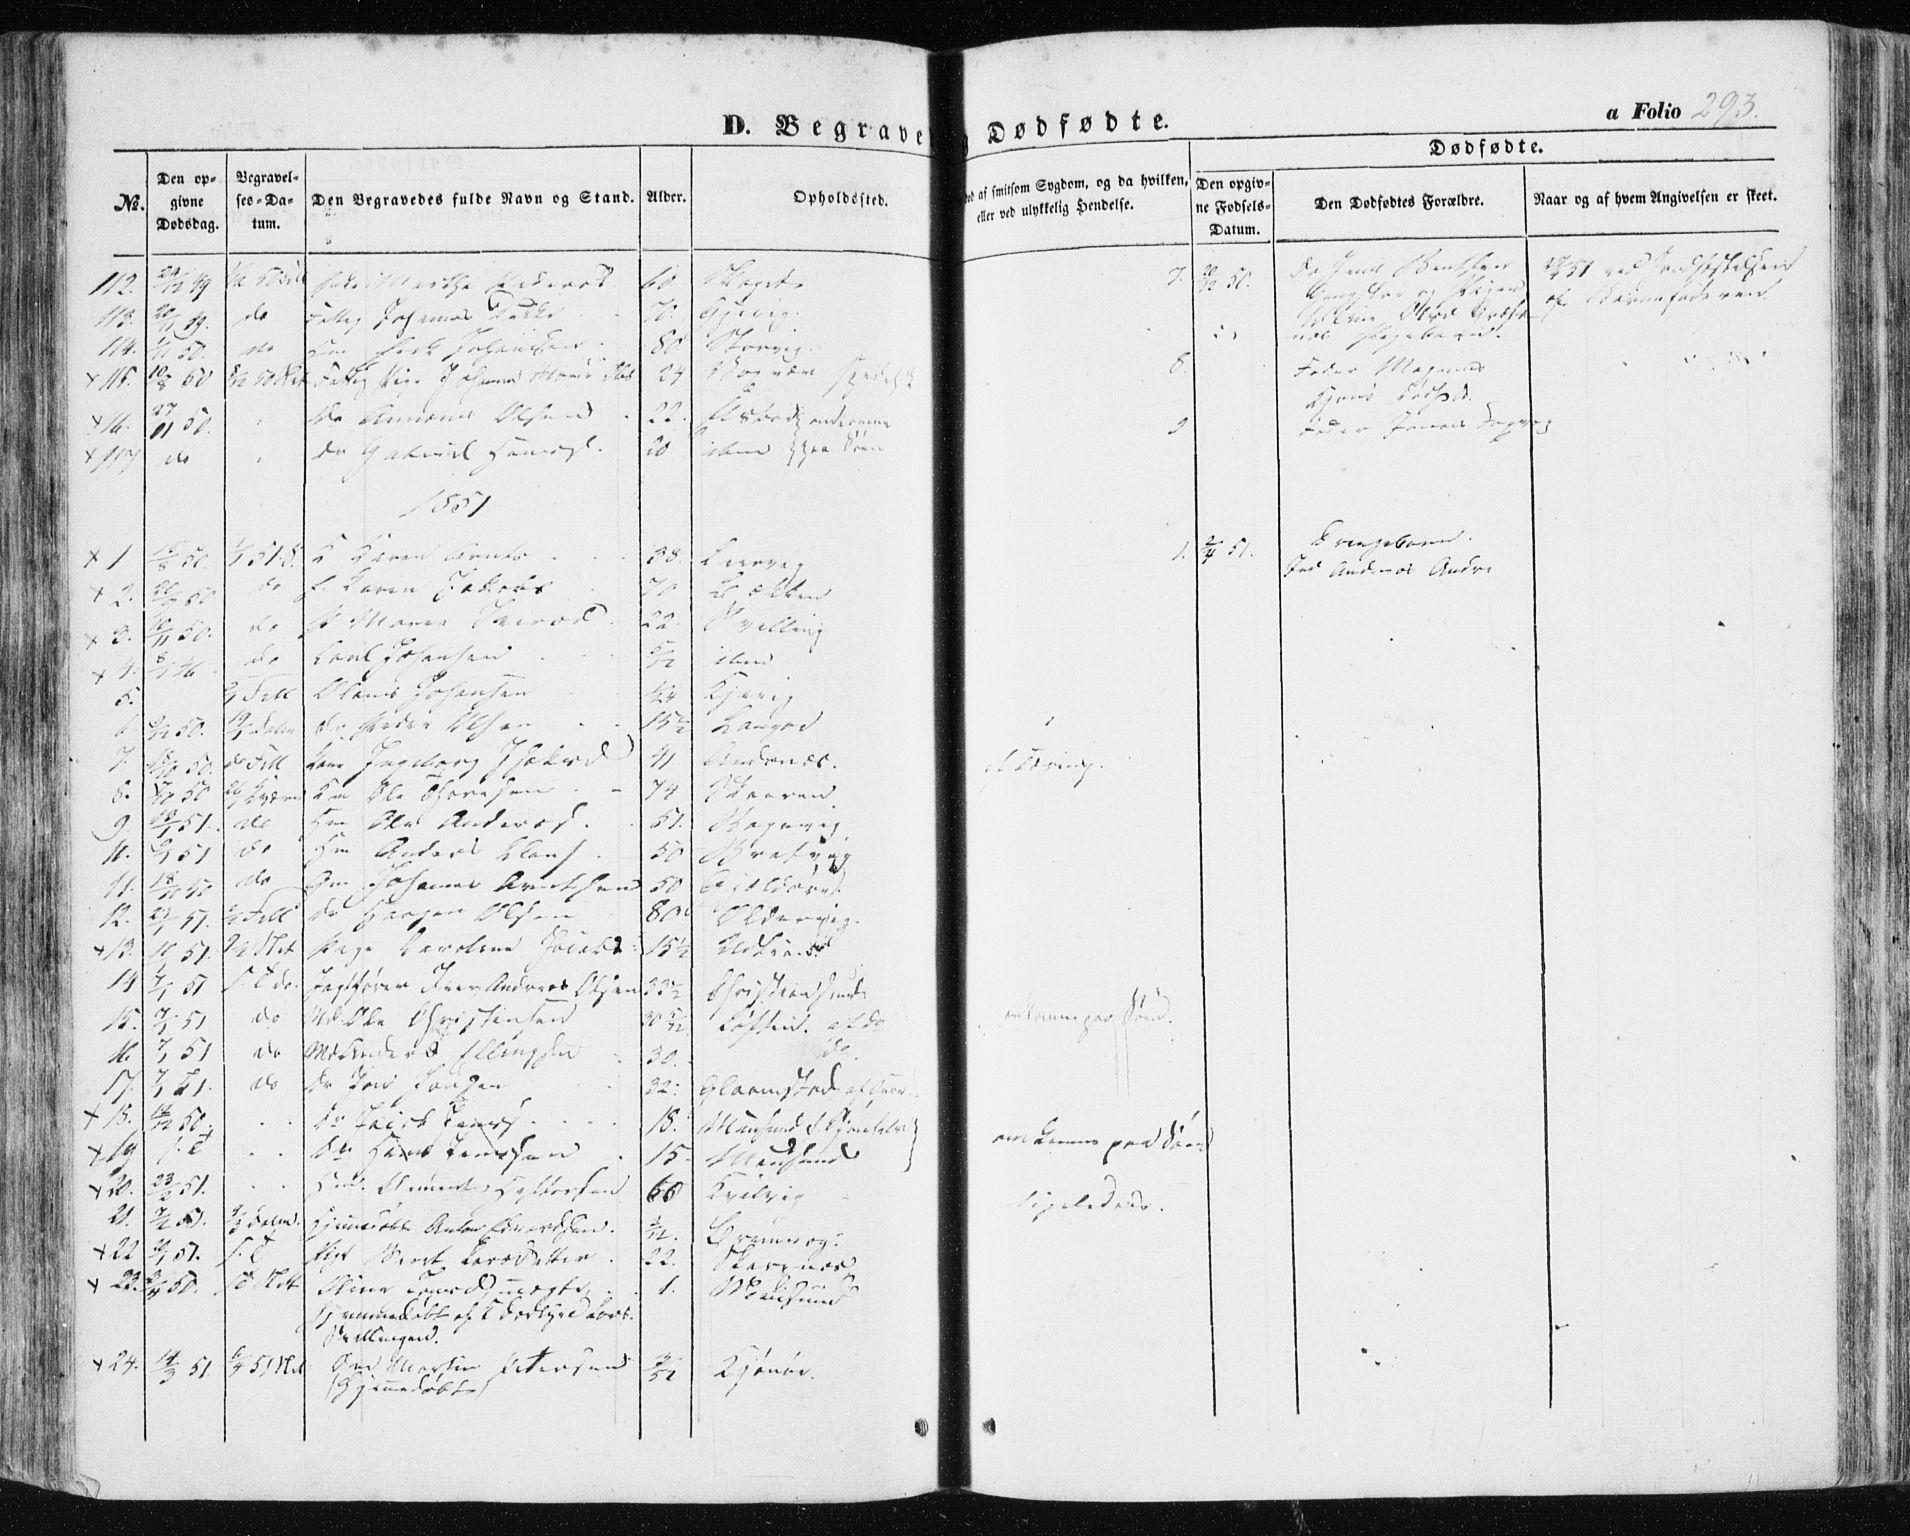 SAT, Ministerialprotokoller, klokkerbøker og fødselsregistre - Sør-Trøndelag, 634/L0529: Ministerialbok nr. 634A05, 1843-1851, s. 293